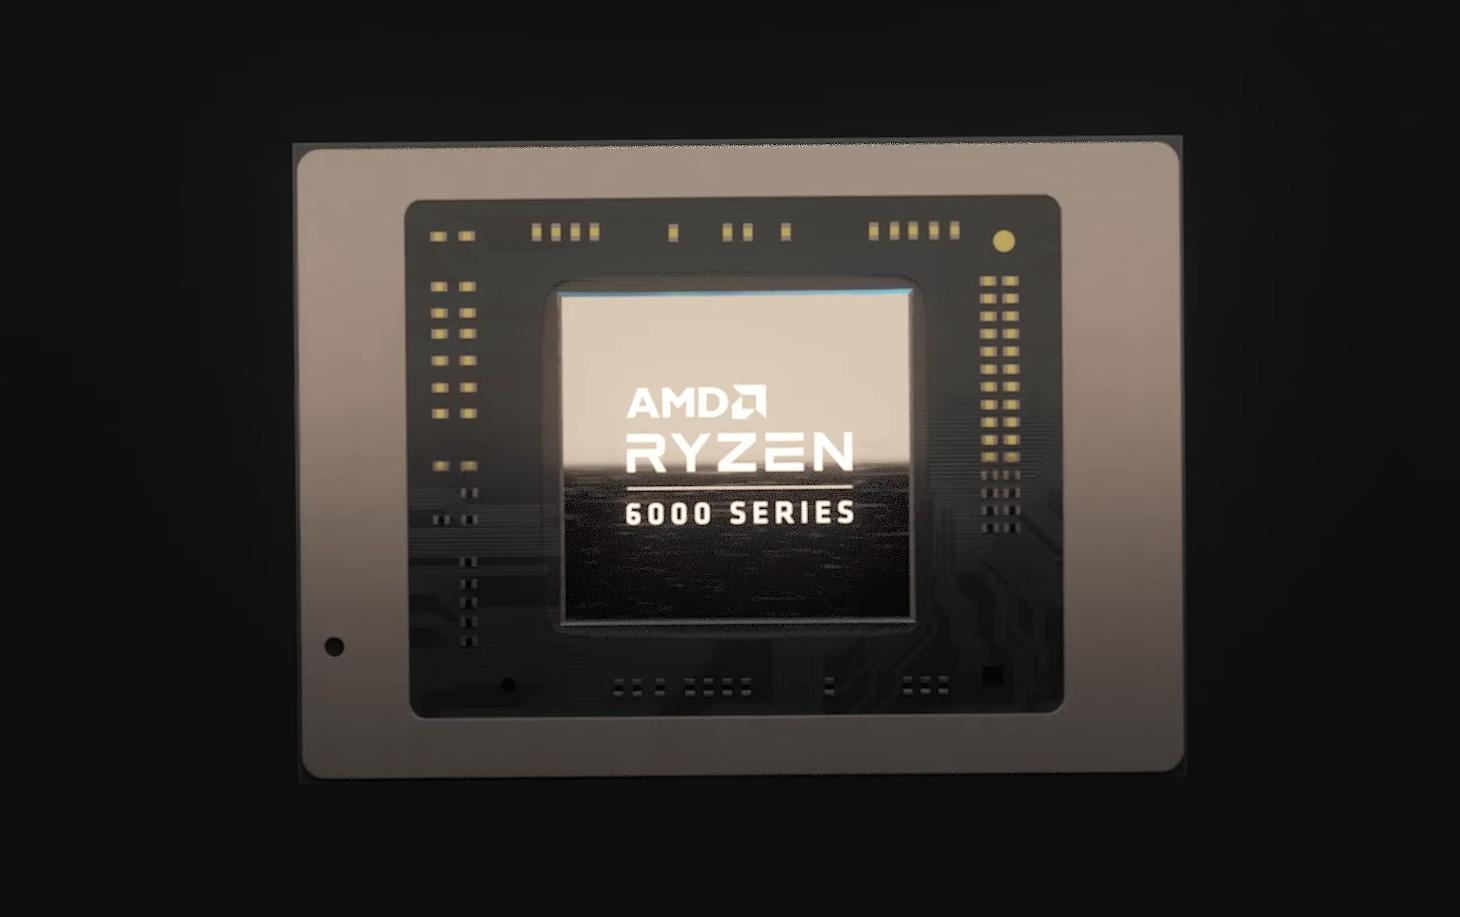 AMD Ryzen 6000 'Rembrandt' APU Dengan GPU RDNA 2 Mengalahkan Intel & NVIDIA di Benchmark Baru